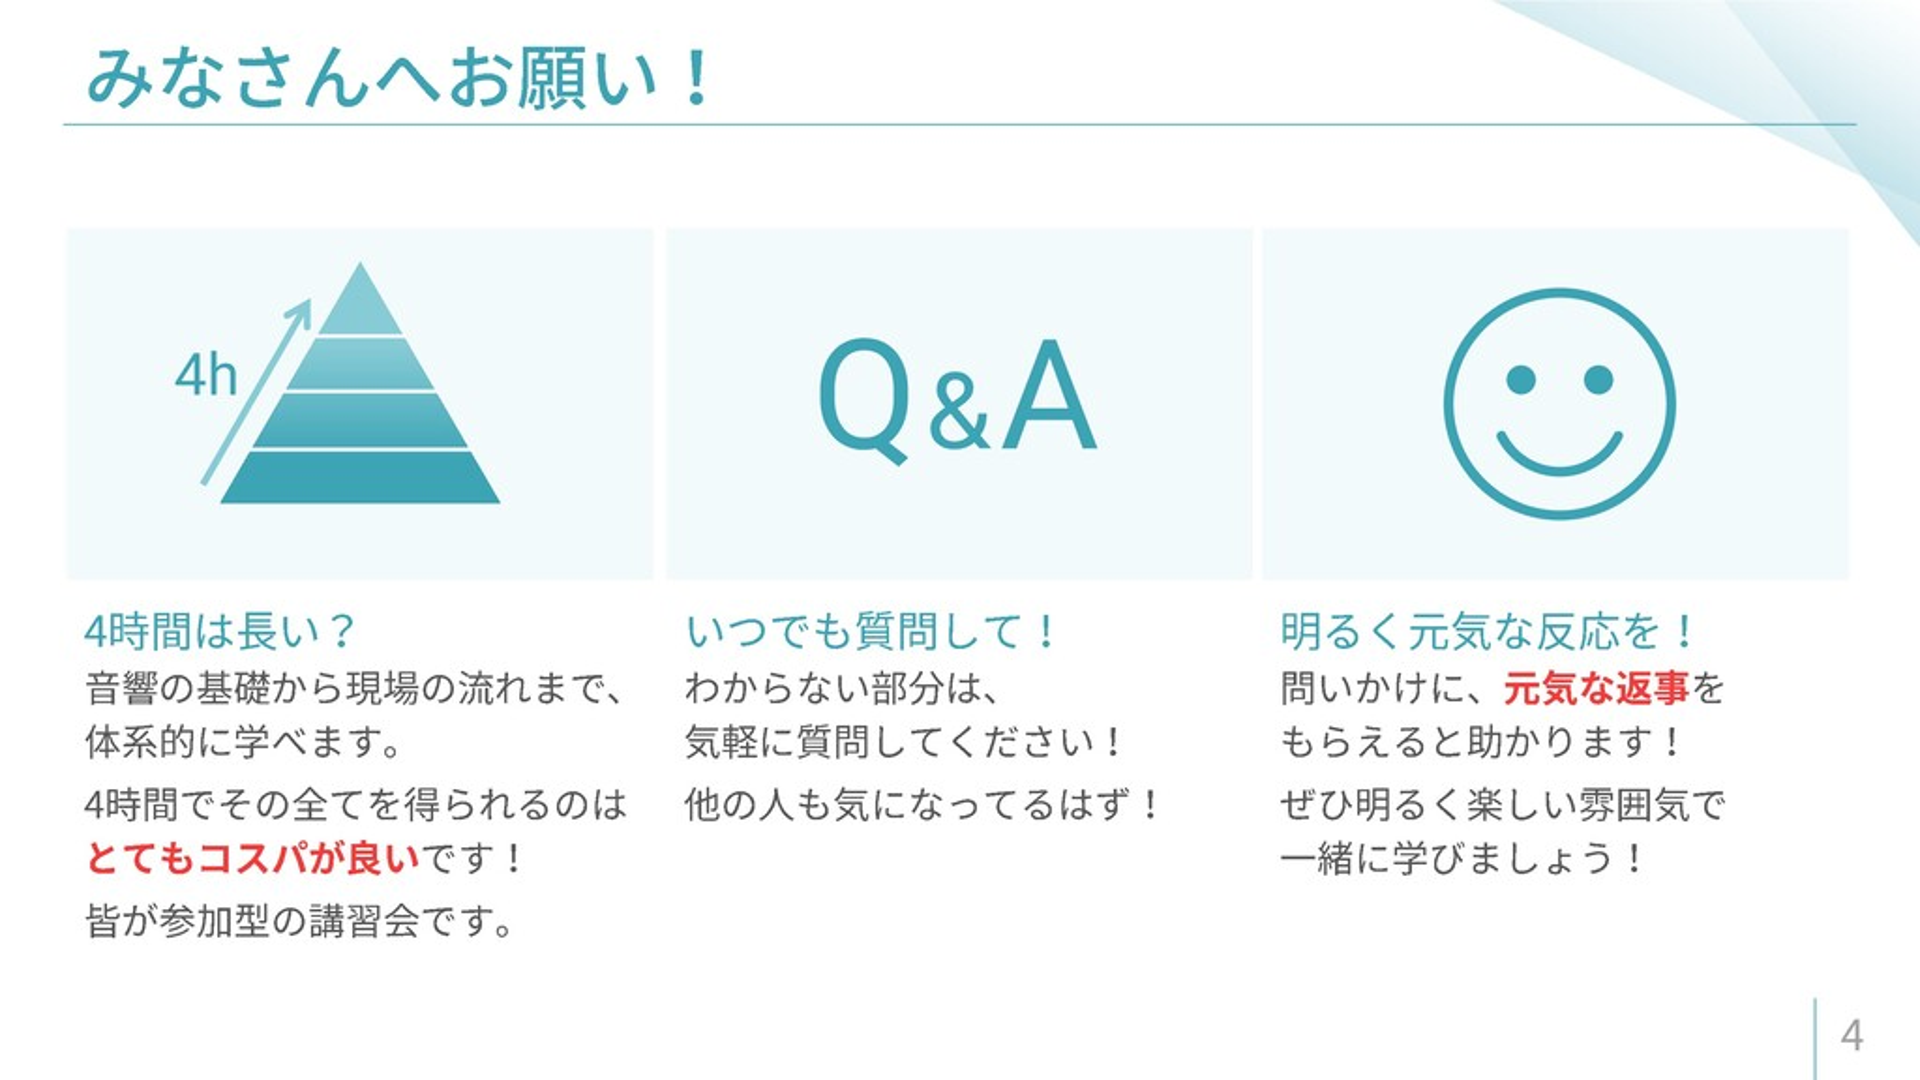 4h Q&A